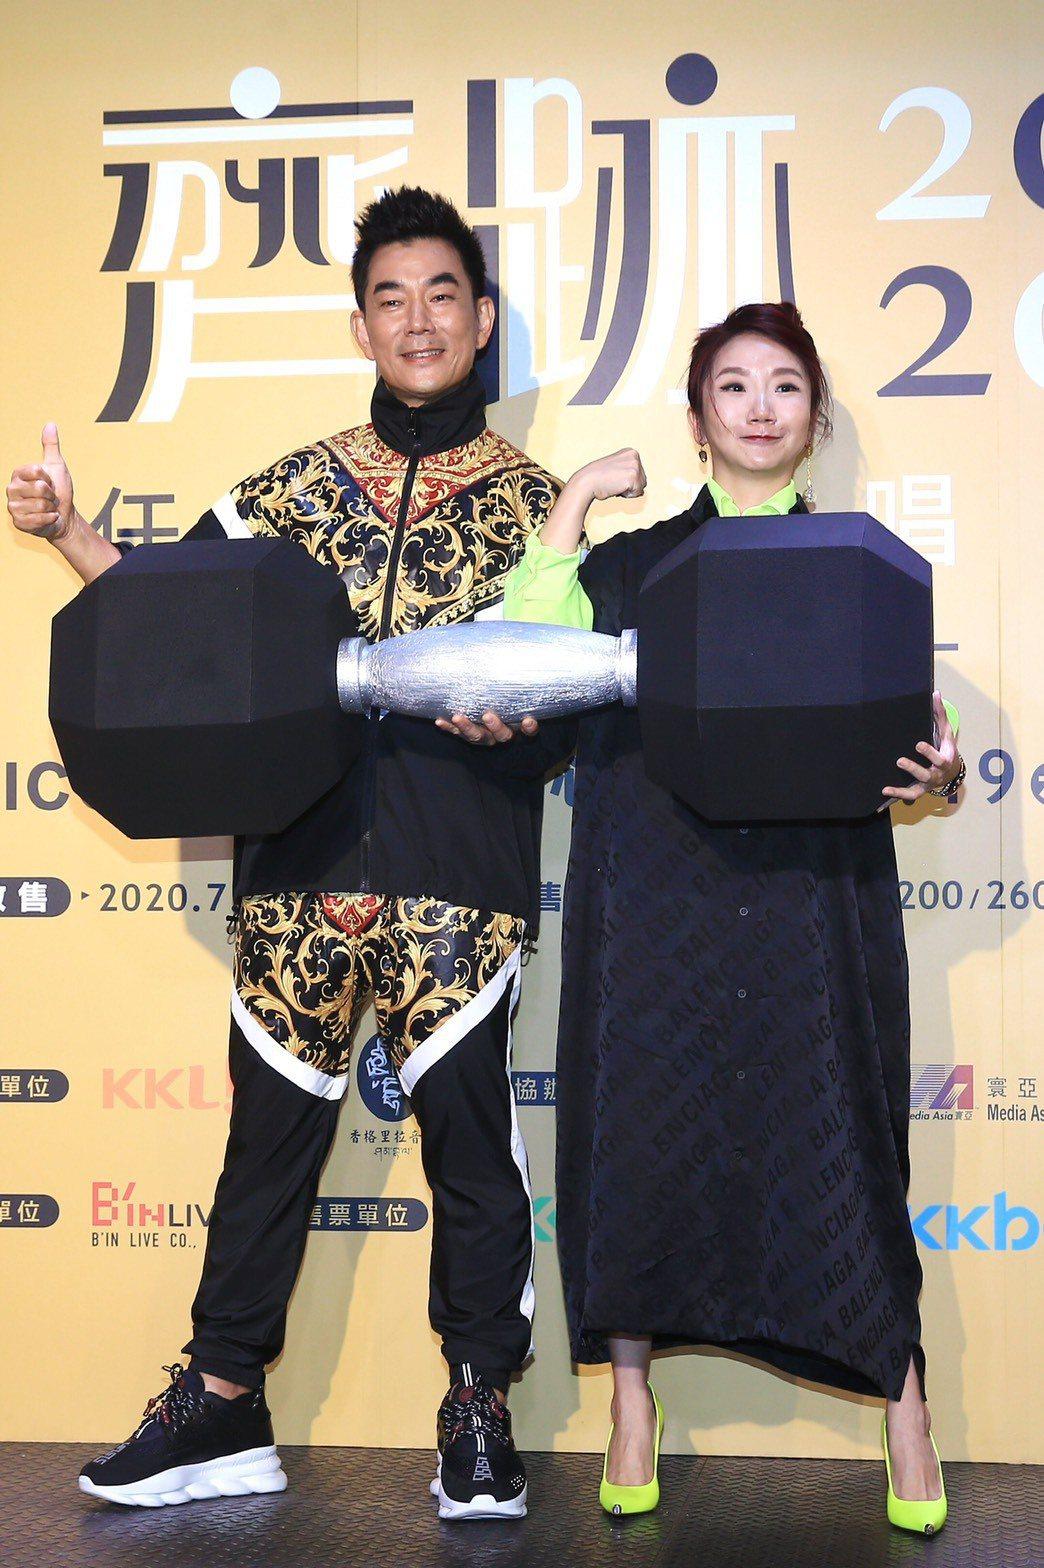 任賢齊(左)為9月演唱會造勢,陶晶瑩現身打氣。記者林伯東/攝影